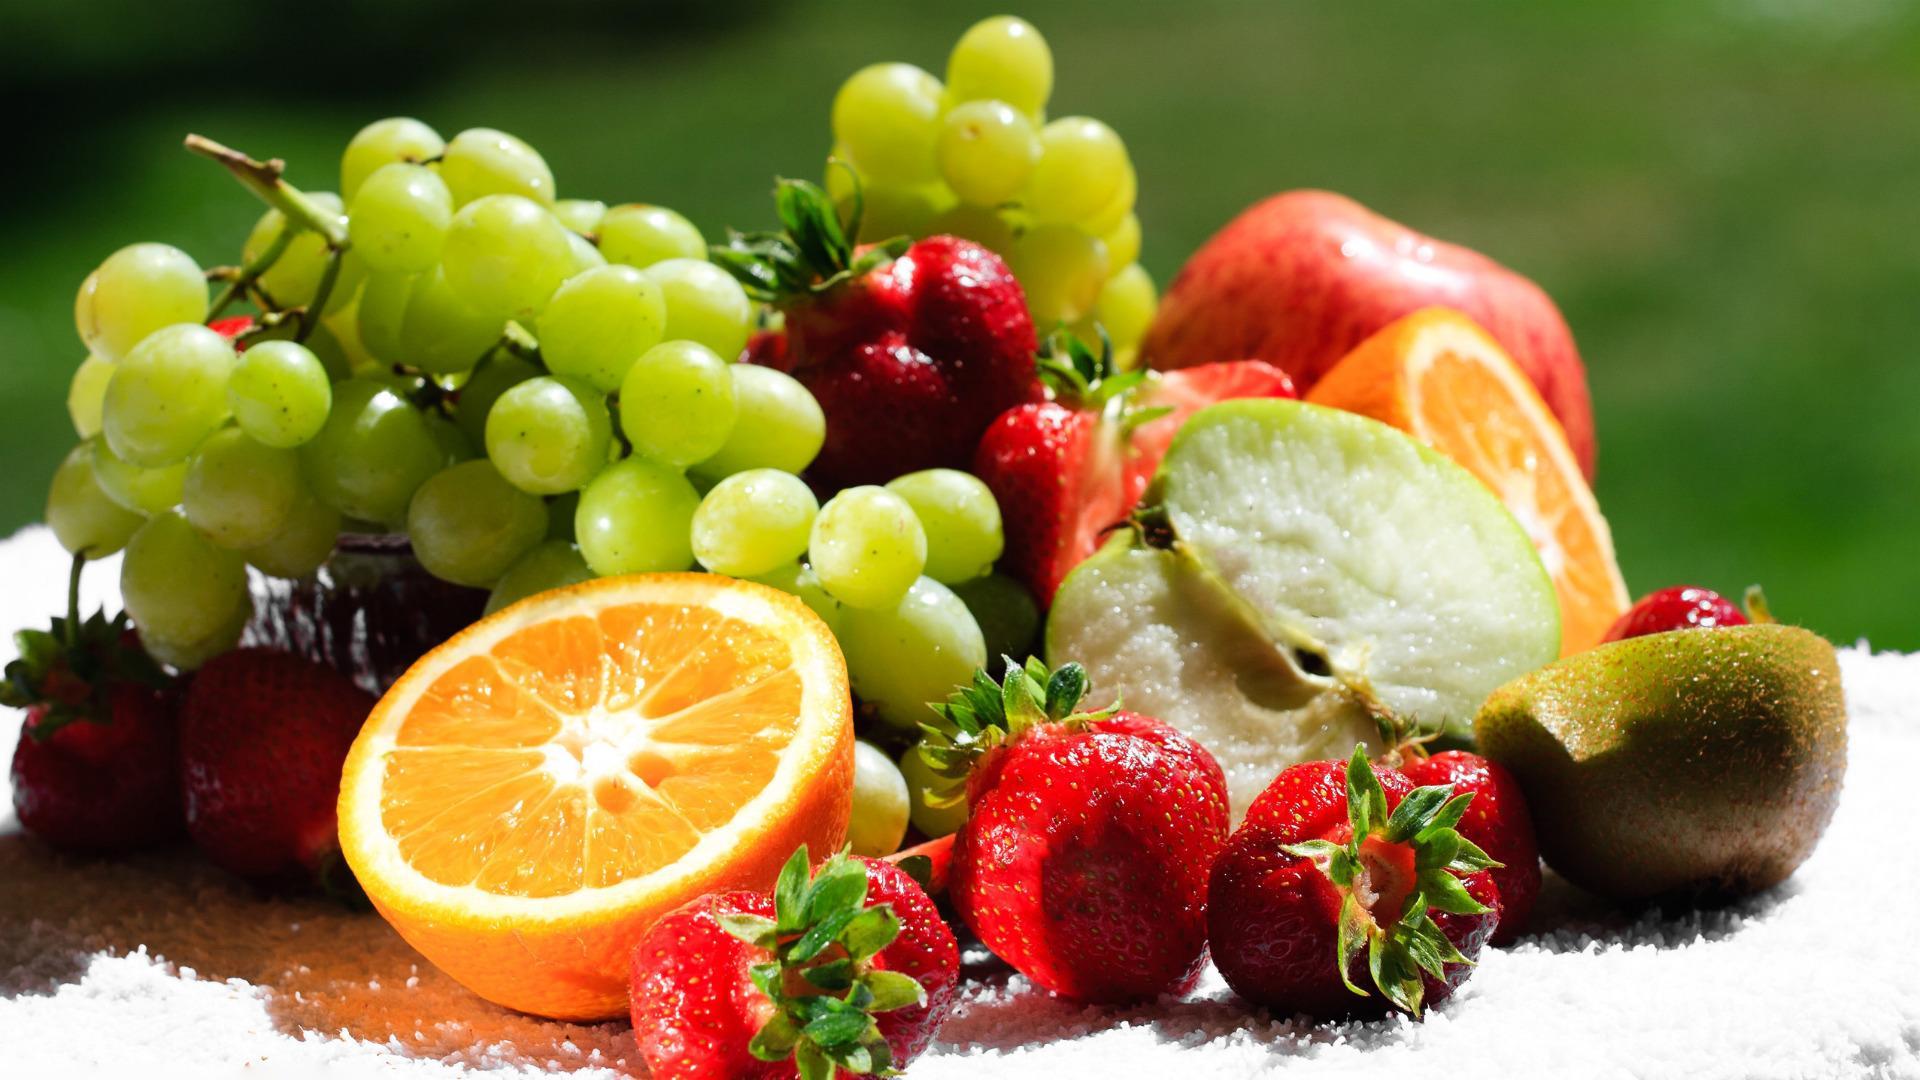 Какие фрукты можно есть при сахарном диабете?